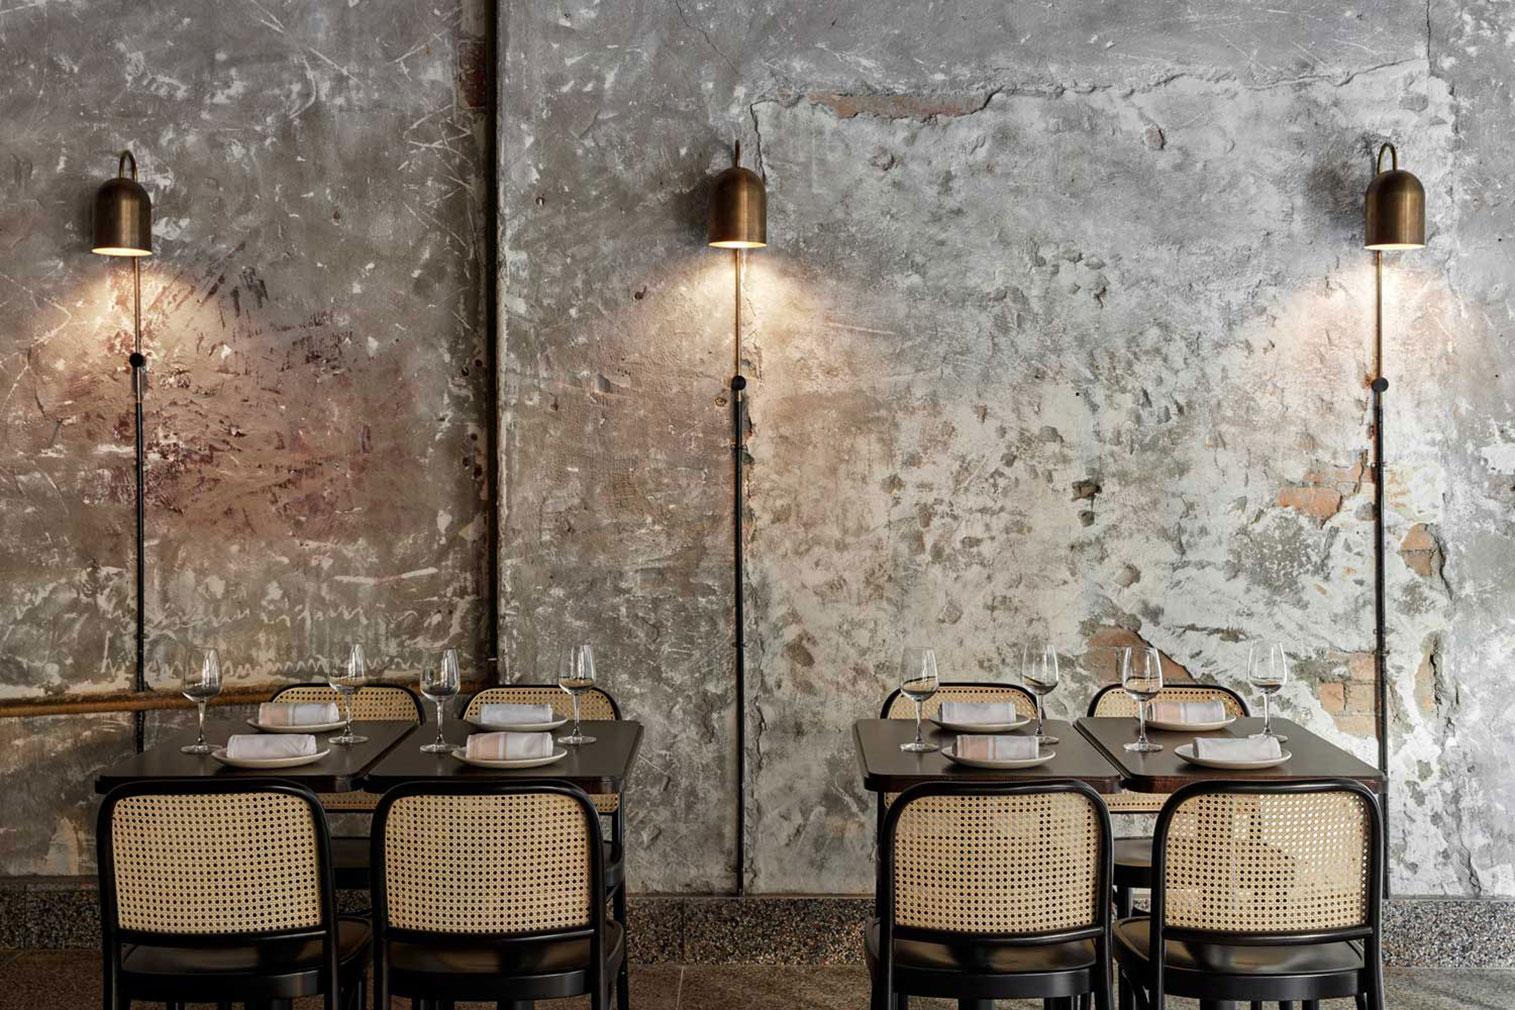 Pentolina restaurant in Melbourne designed by Biasol